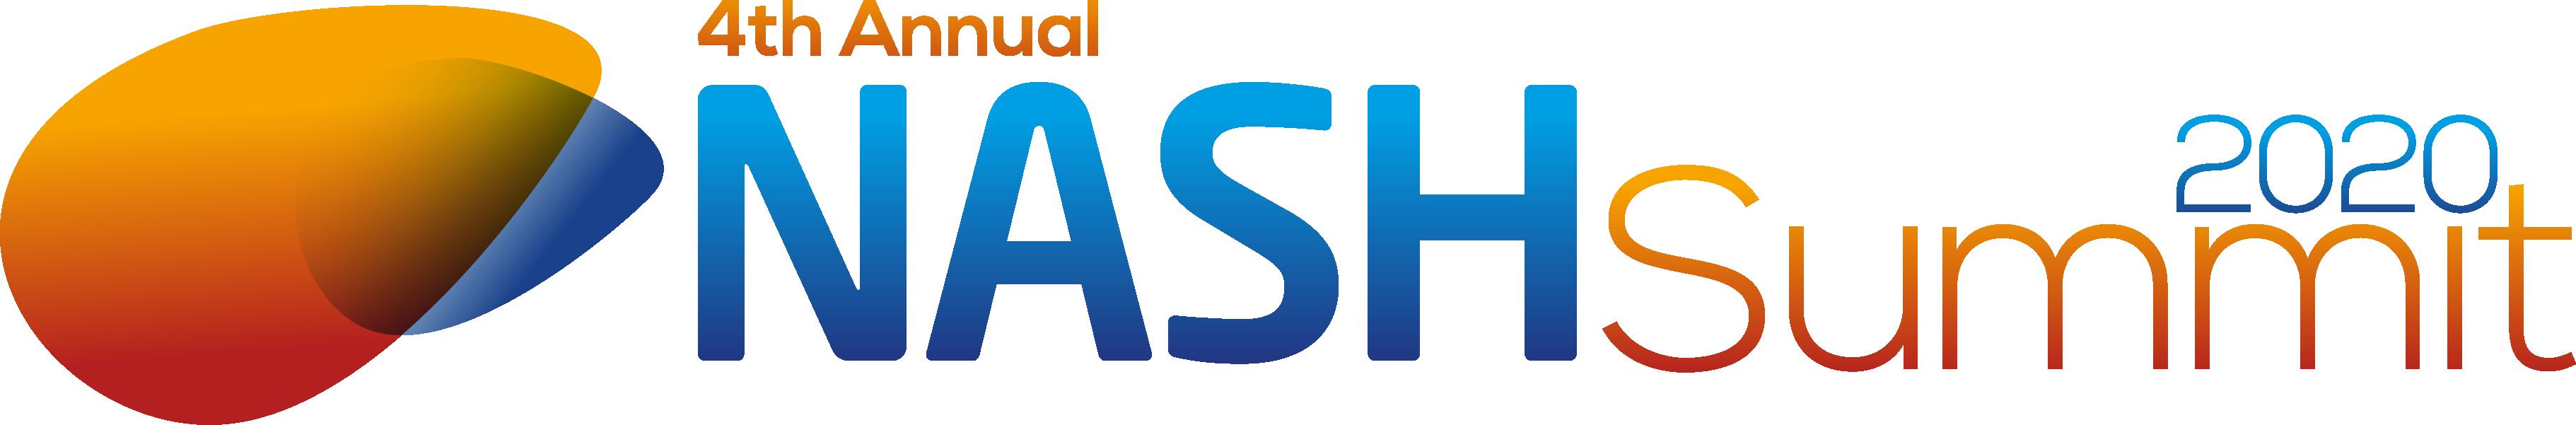 HW190807 NASH Boston 2020 logo